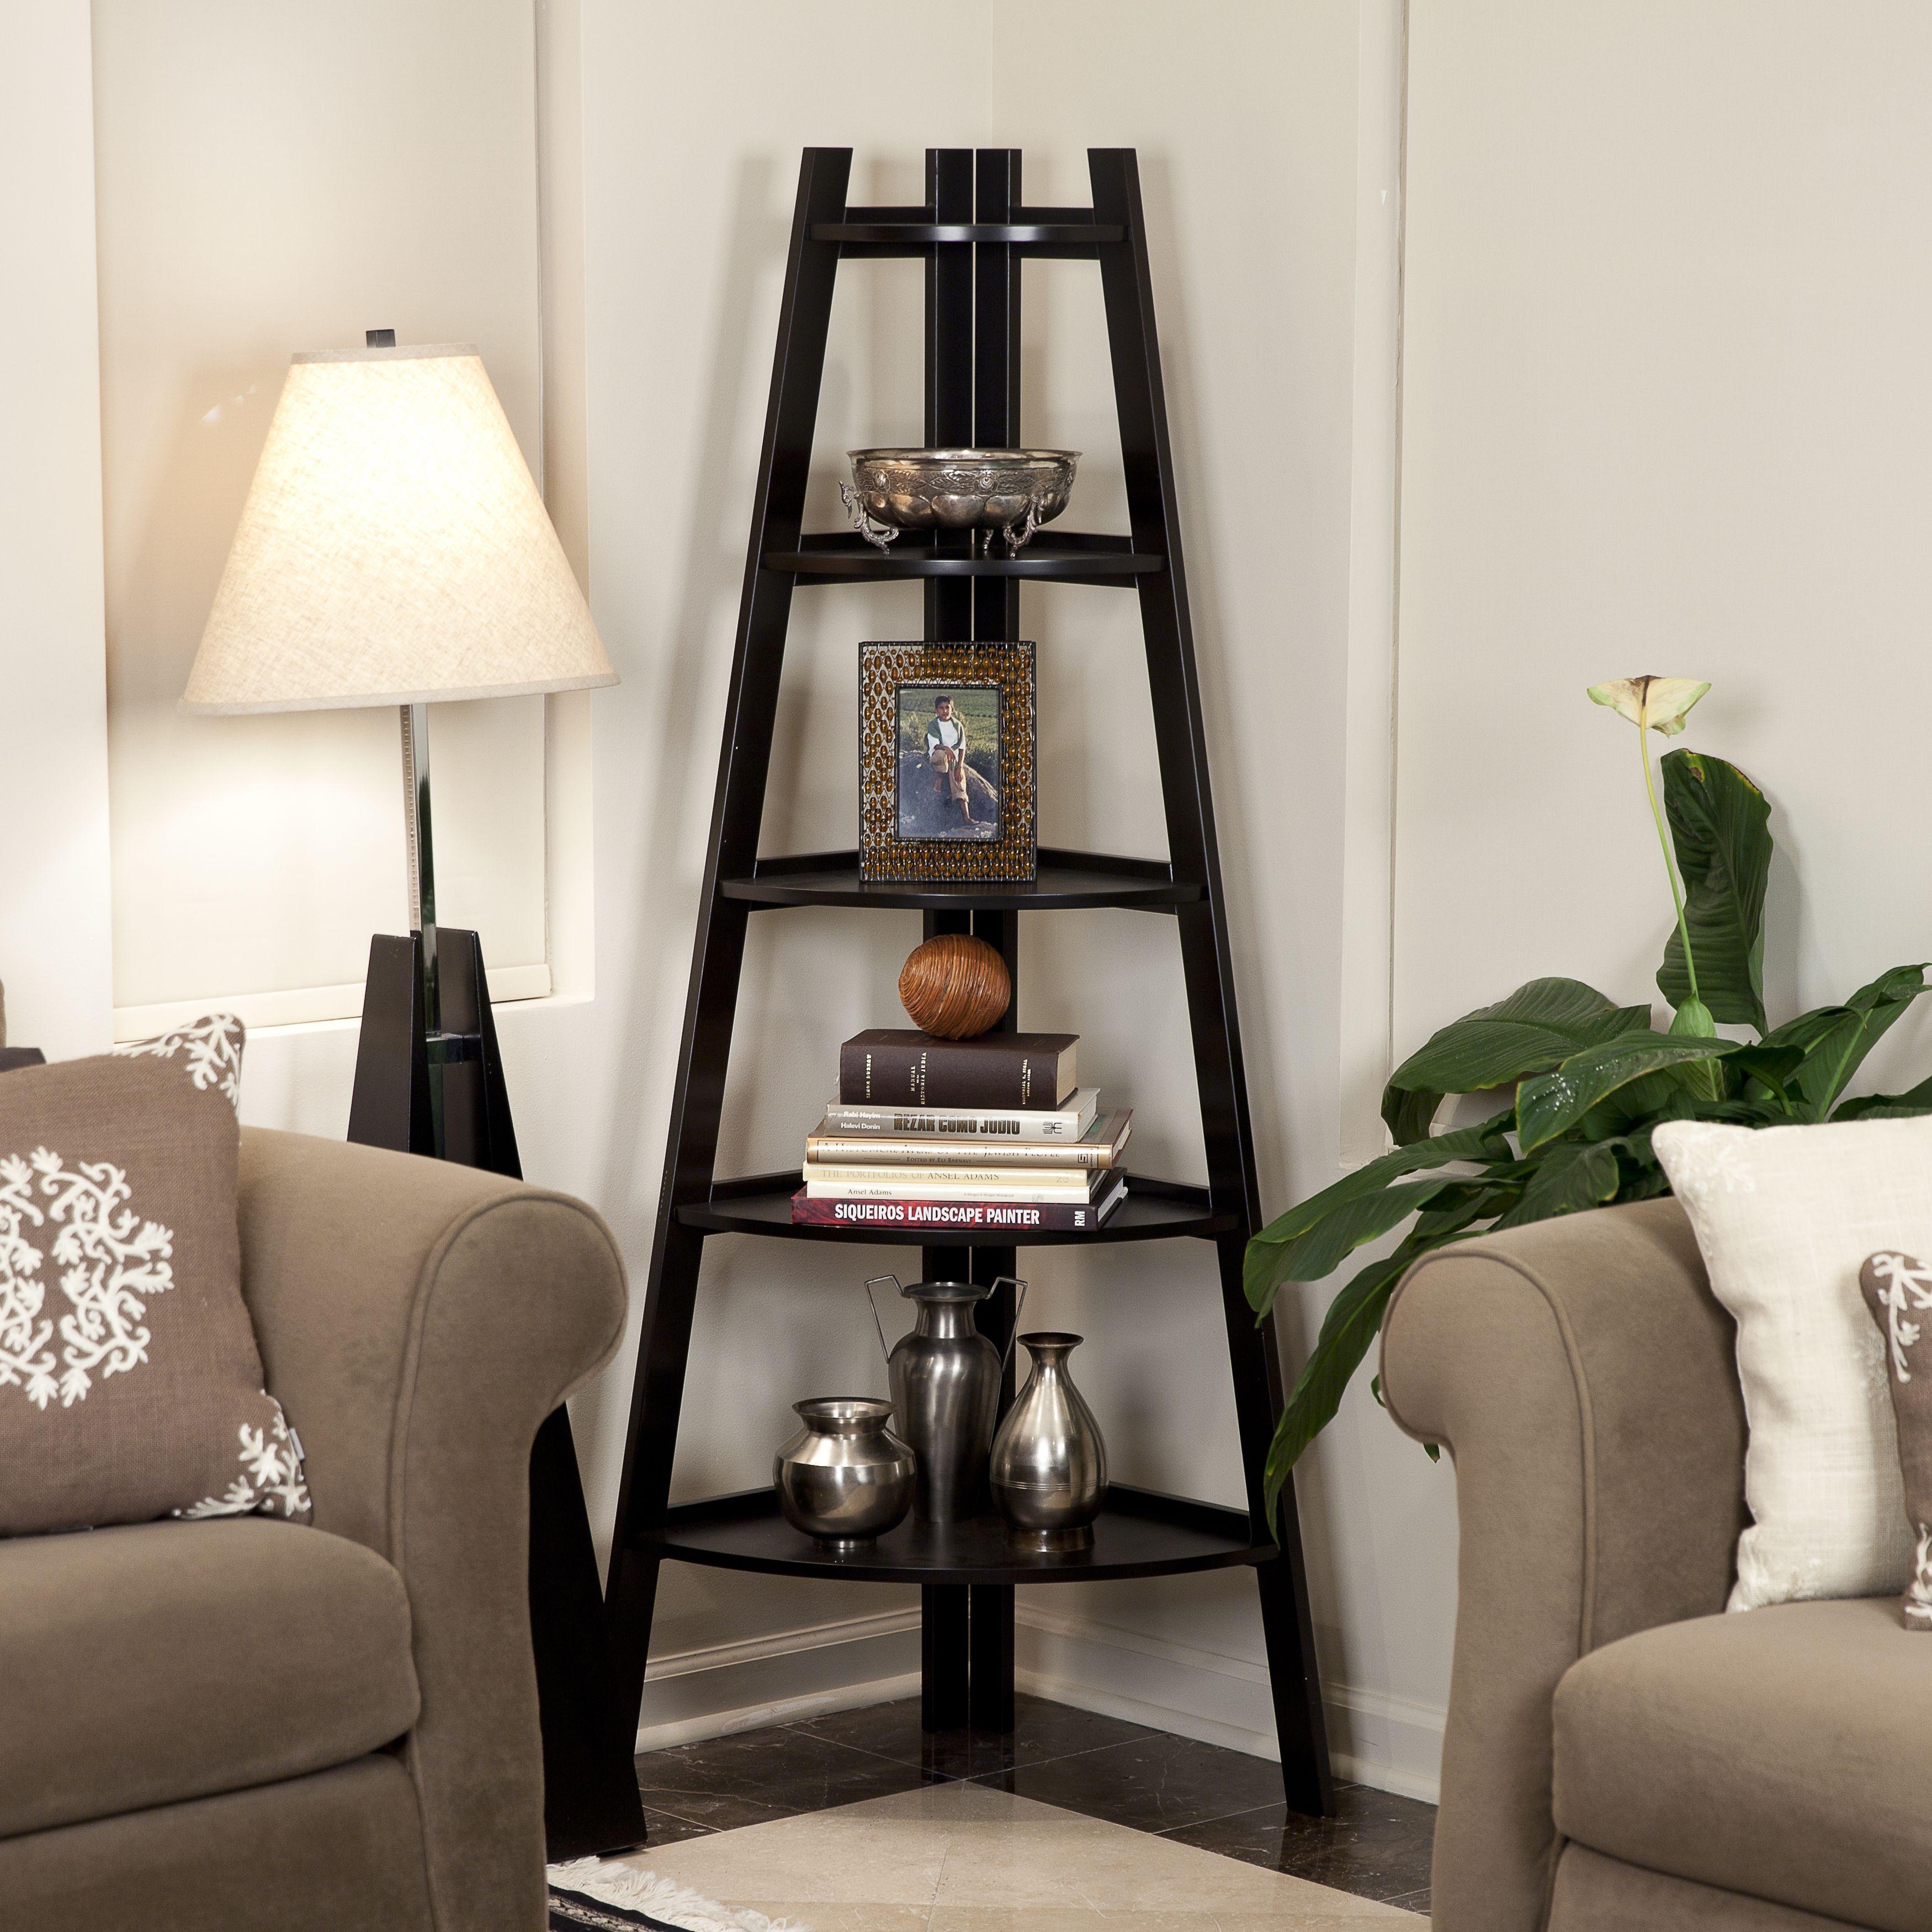 danya b 5 tier espresso corner ladder display bookshelf five tier